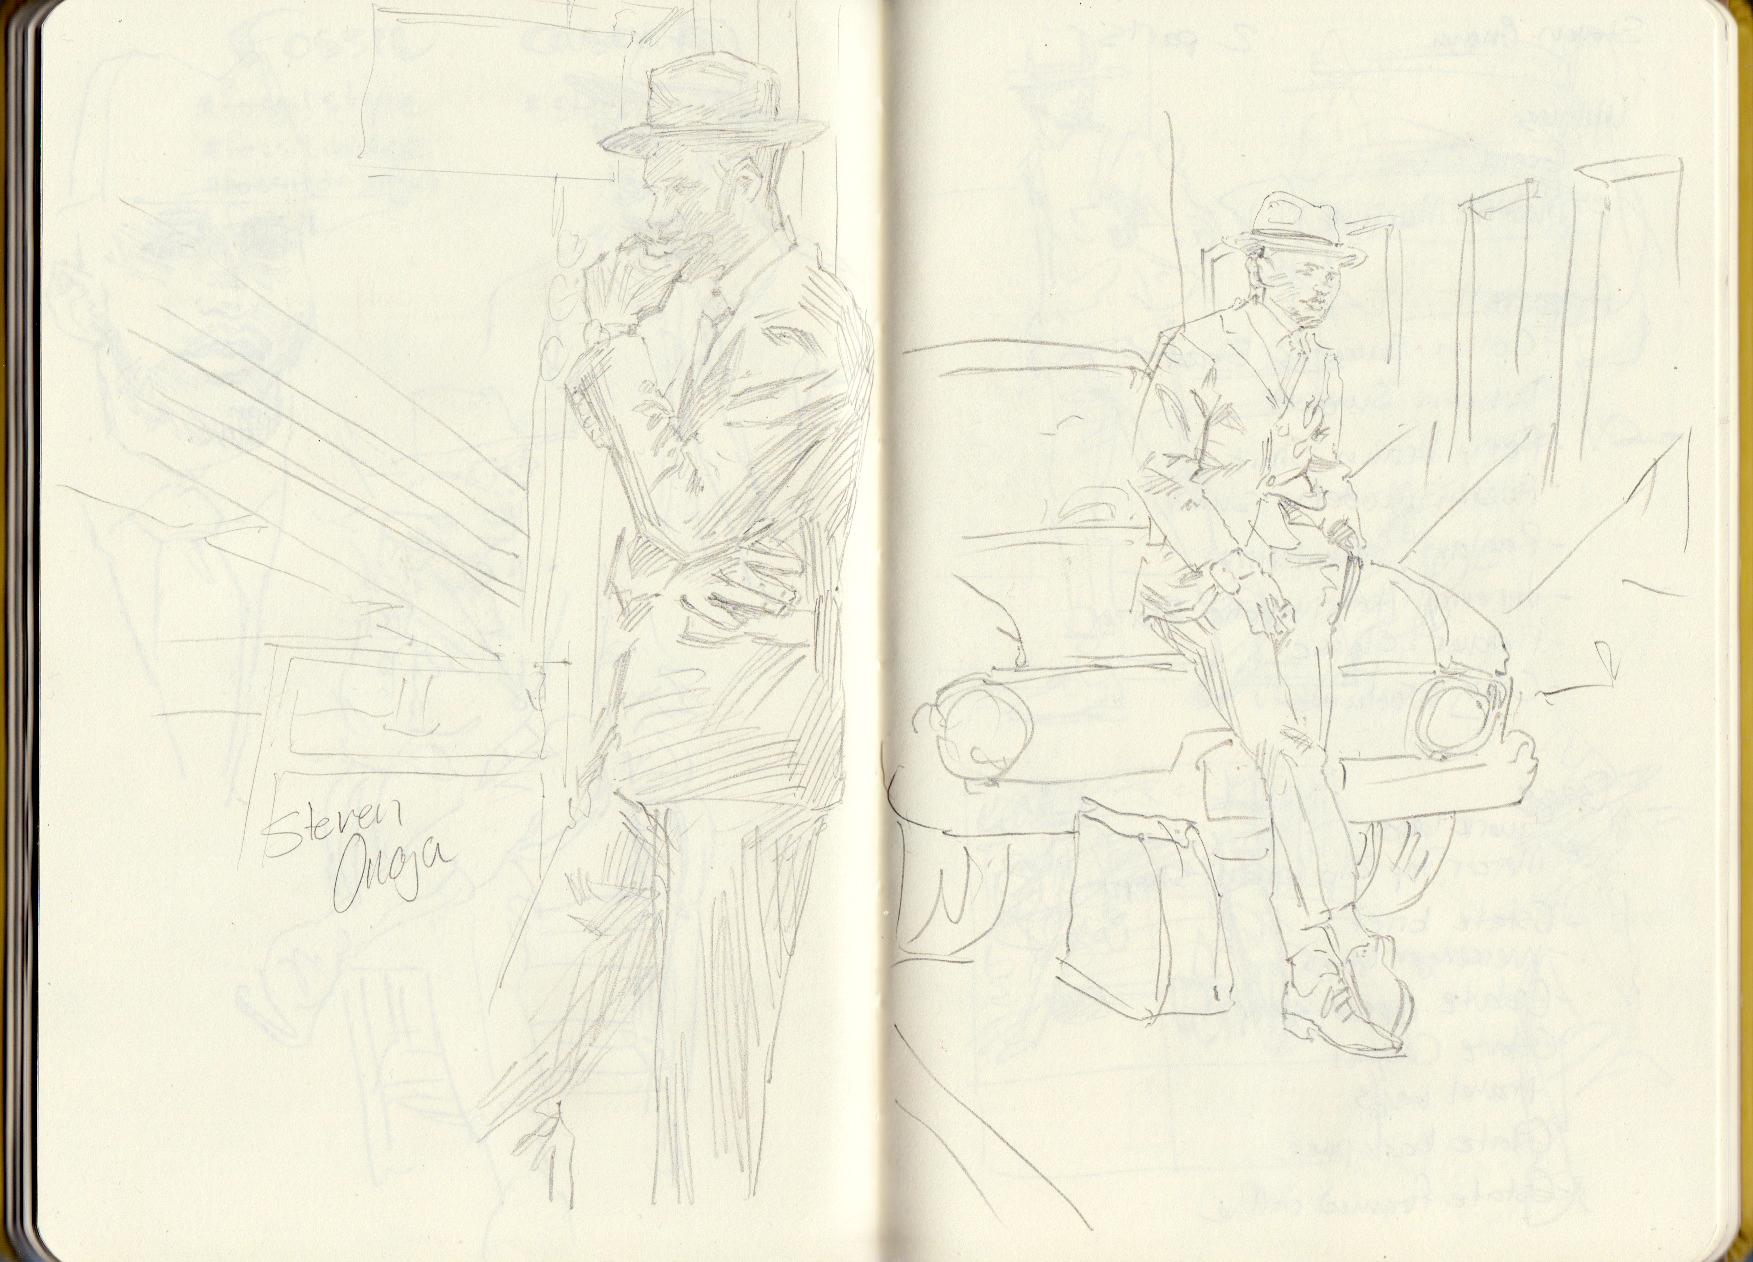 Steven Onoja sketches